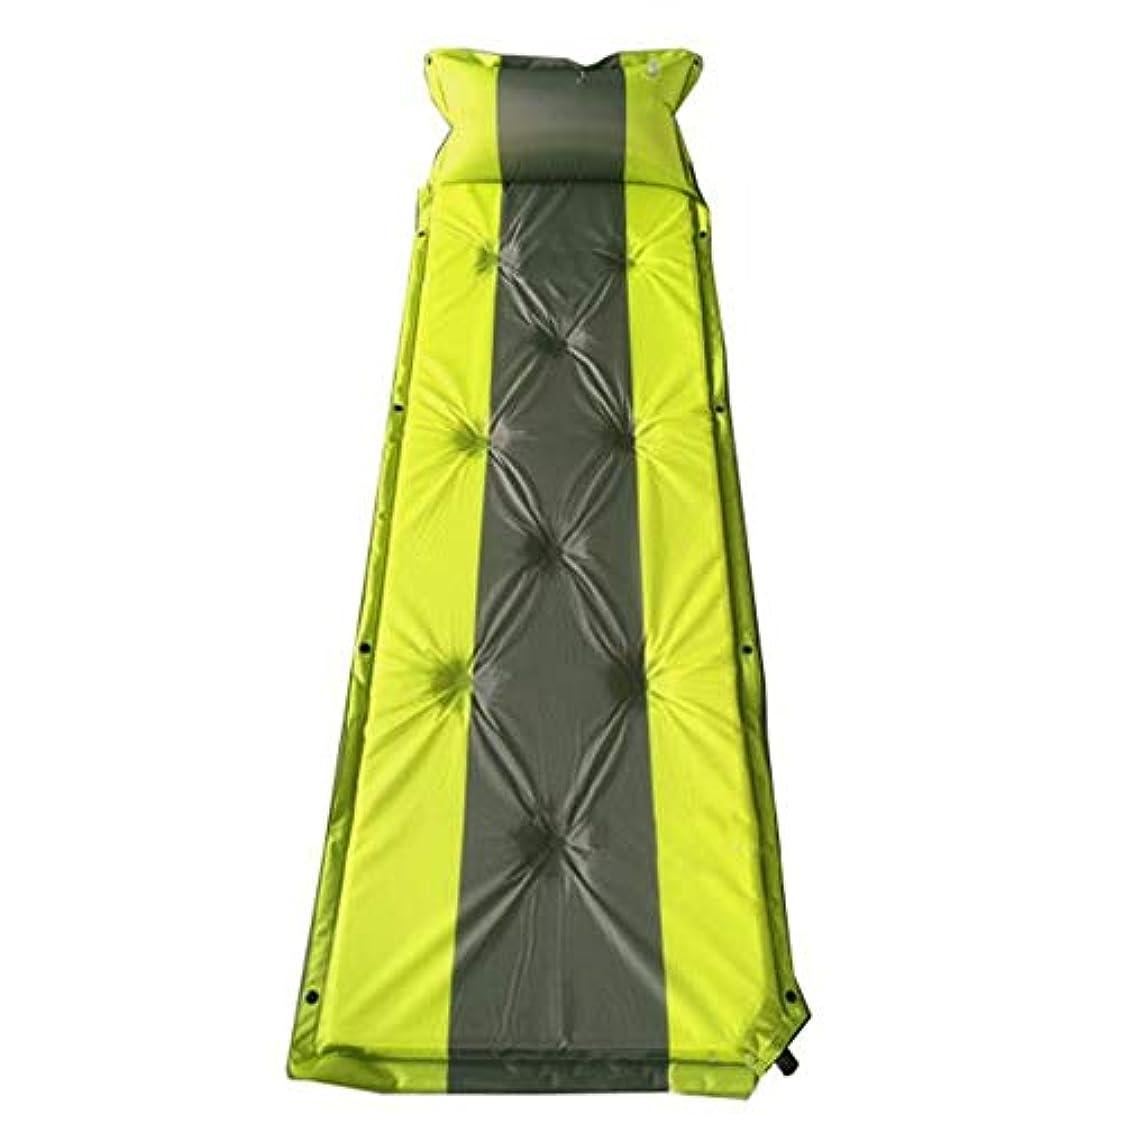 差別的陽気なトラクターキャンプ用エアベッド 車のキャンプのバックパック旅行に最適です。追加の枕を備えたシングルステッチ、軽量のインフレータブル屋外エアバッグマットレス ポータブルエアマットレス (色 : 緑, サイズ : 75.6*22.4*1.18inches)